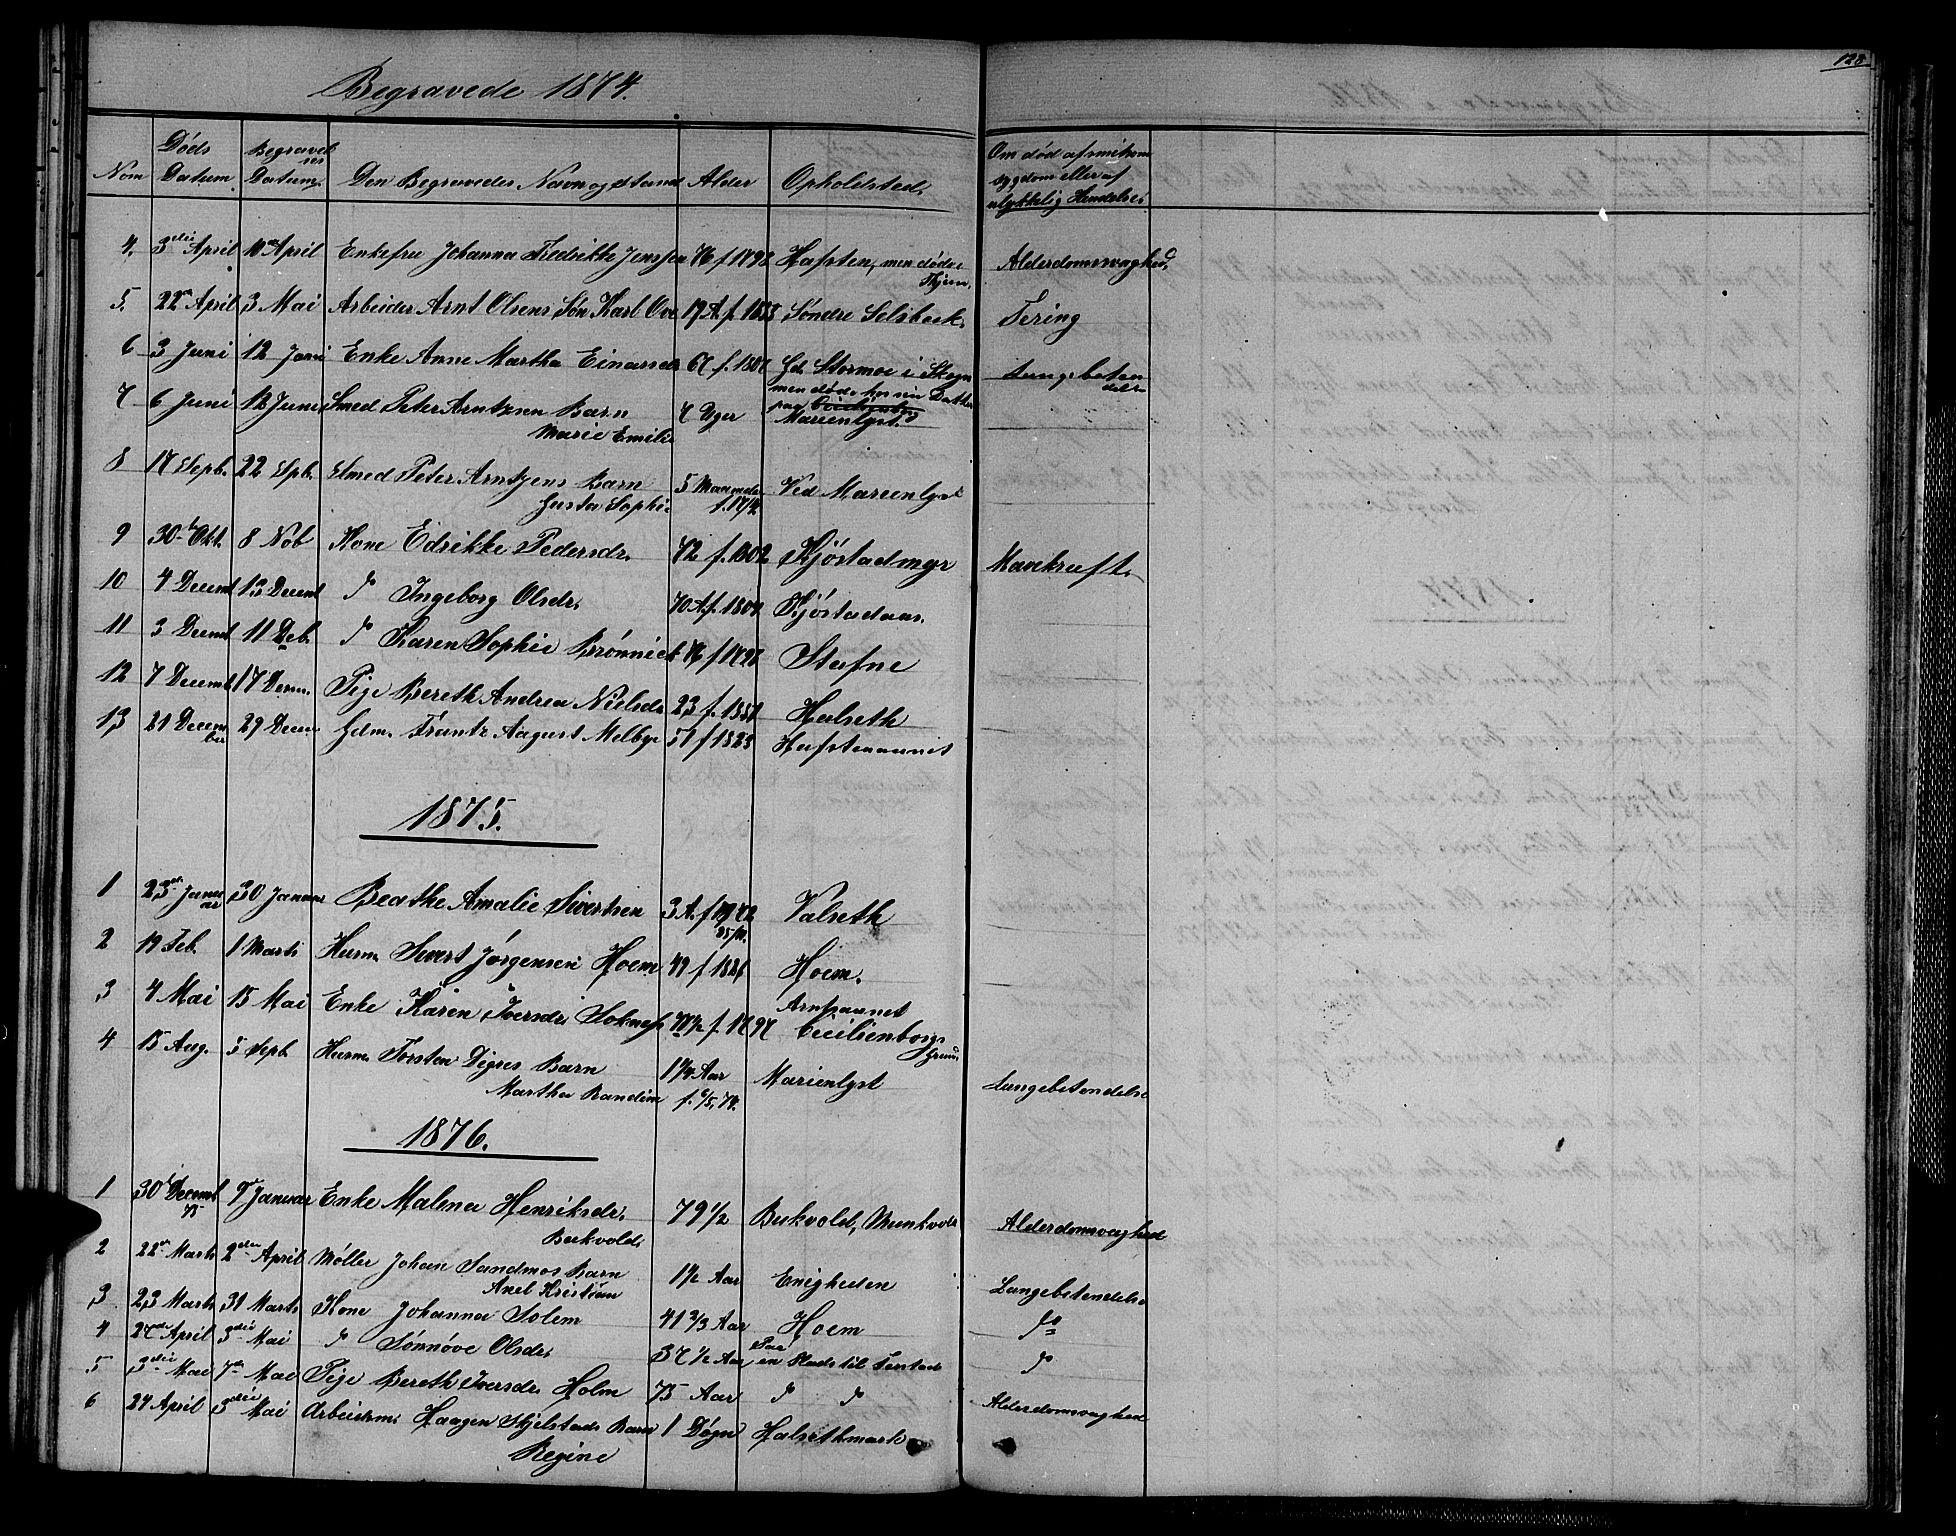 SAT, Ministerialprotokoller, klokkerbøker og fødselsregistre - Sør-Trøndelag, 611/L0353: Klokkerbok nr. 611C01, 1854-1881, s. 128